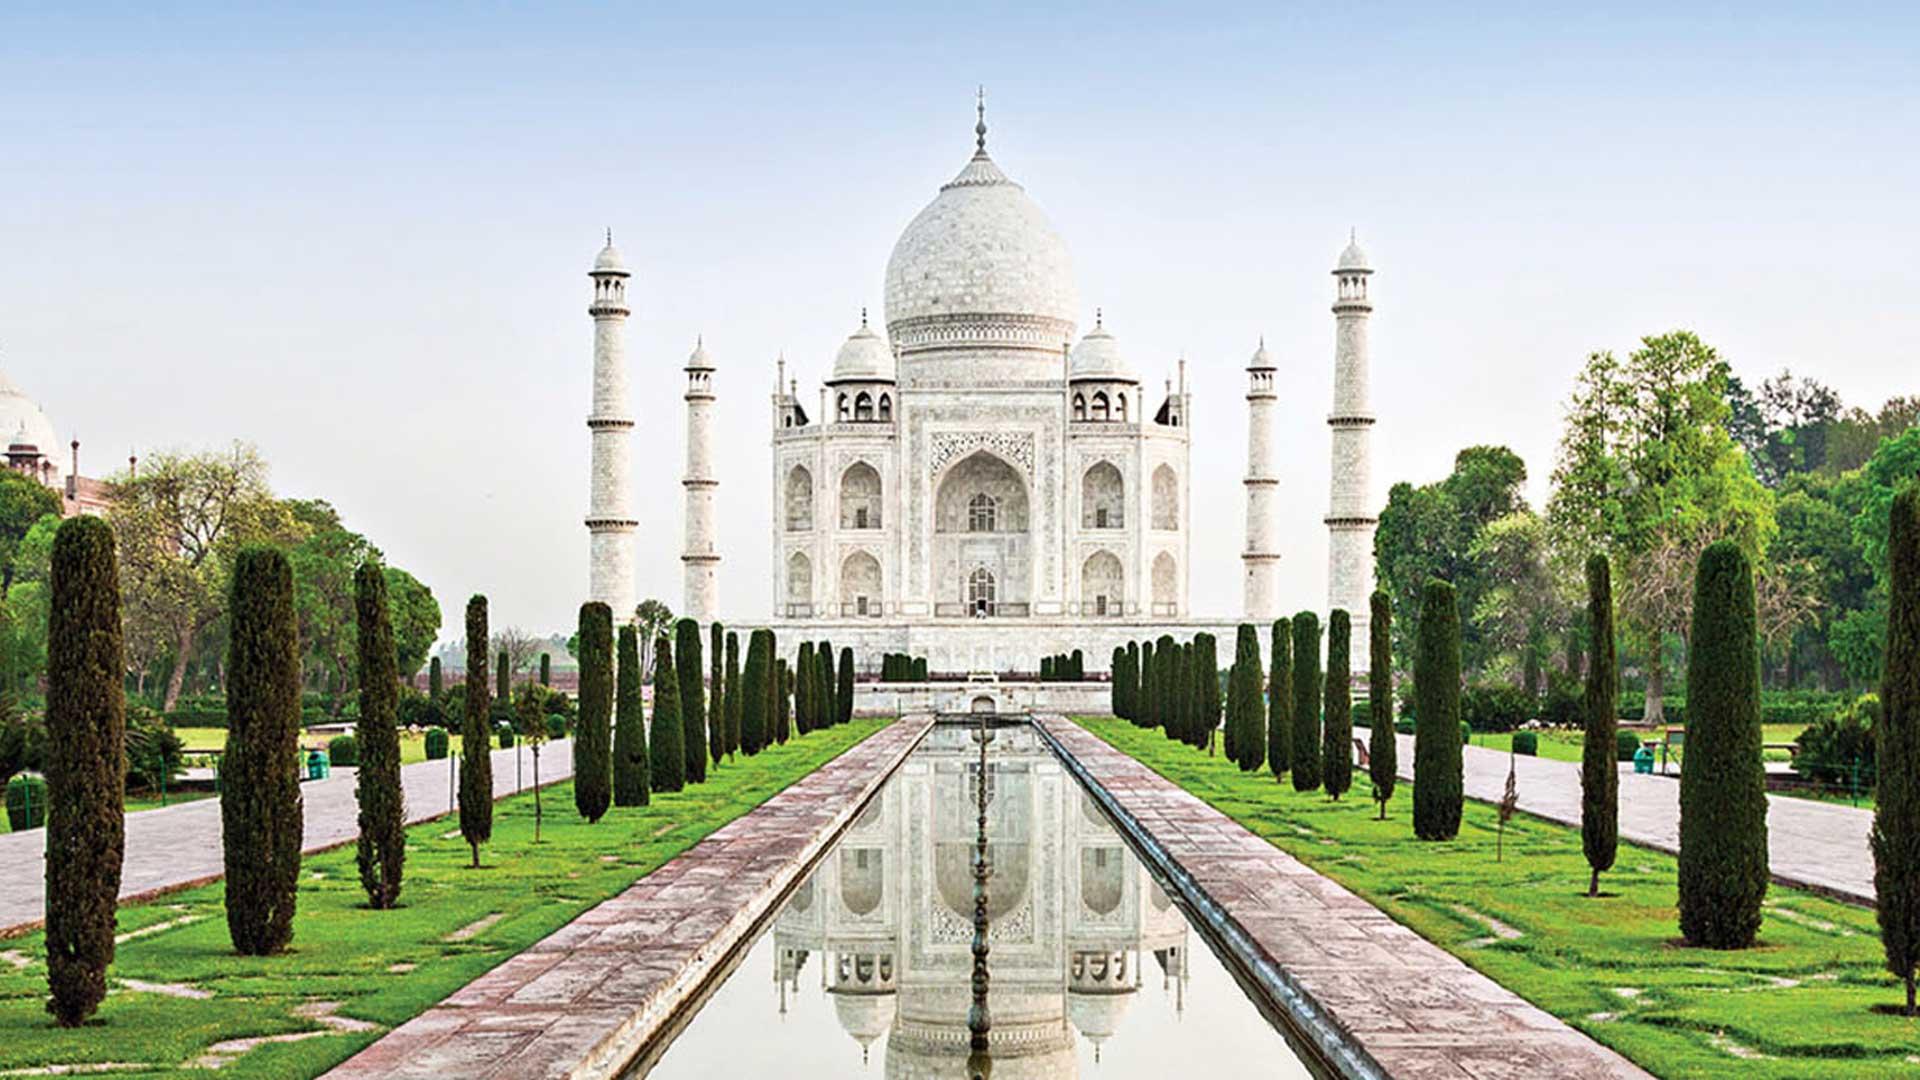 TAJ-MAHAL-travel-holiday-experiences